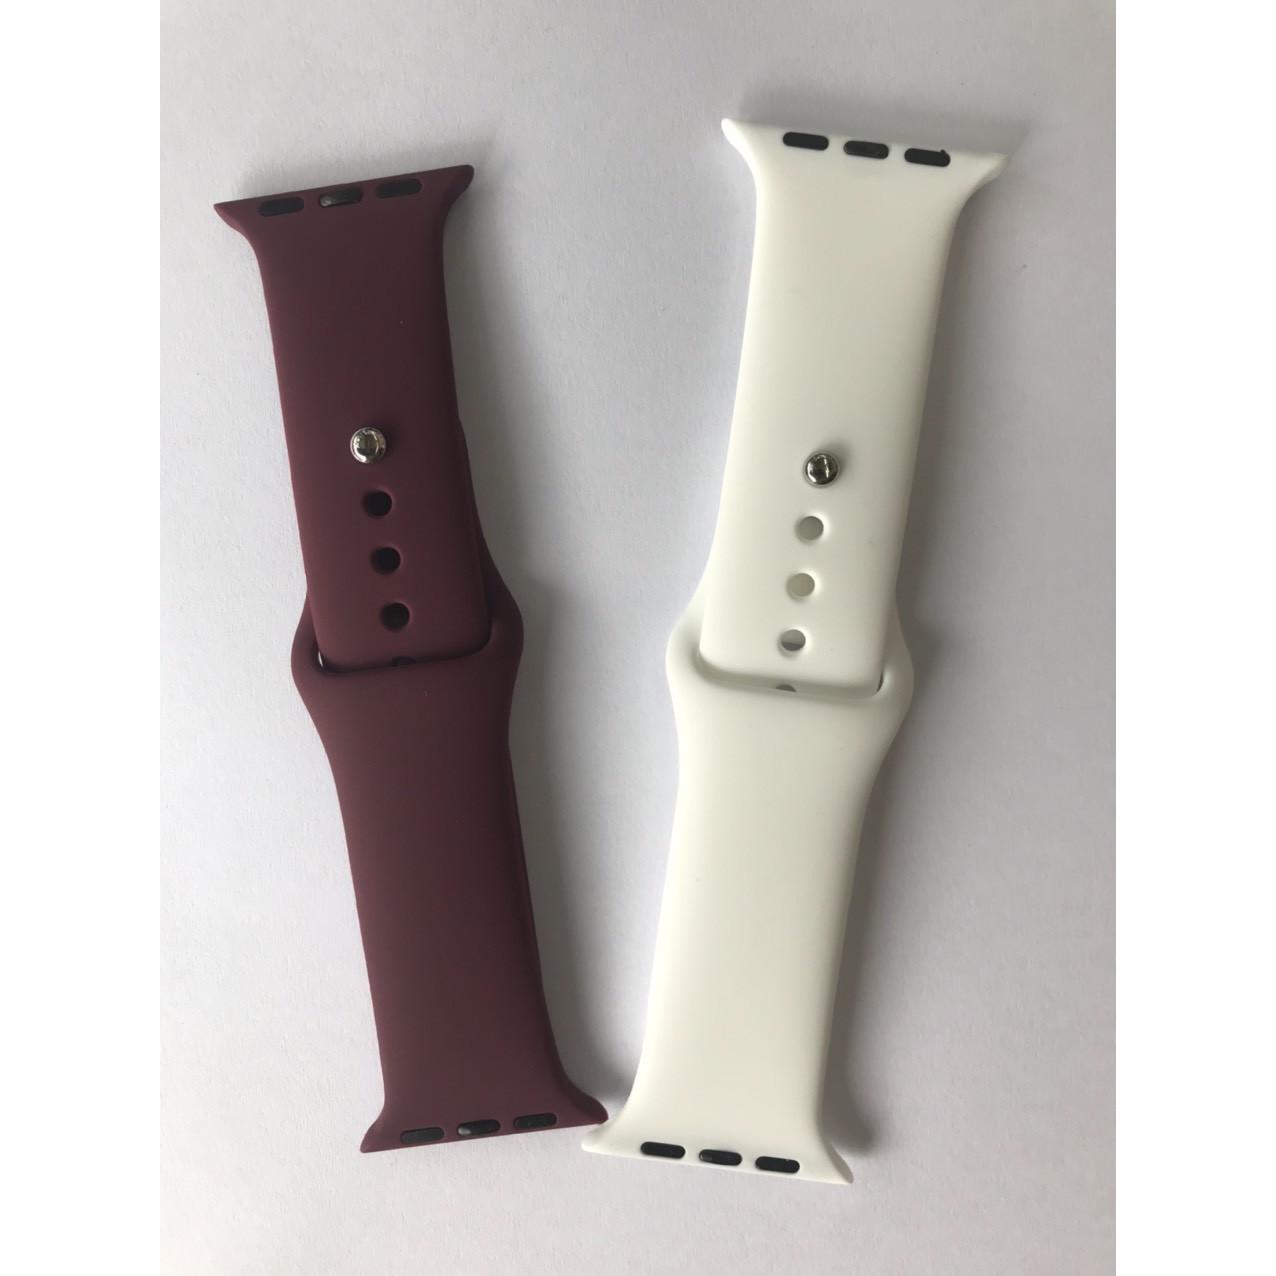 Bô Đôi Dây Đeo Dành cho Đồng Hồ  Apple watch Silicon Thời Trang Cao Cấp Size 38-40mm